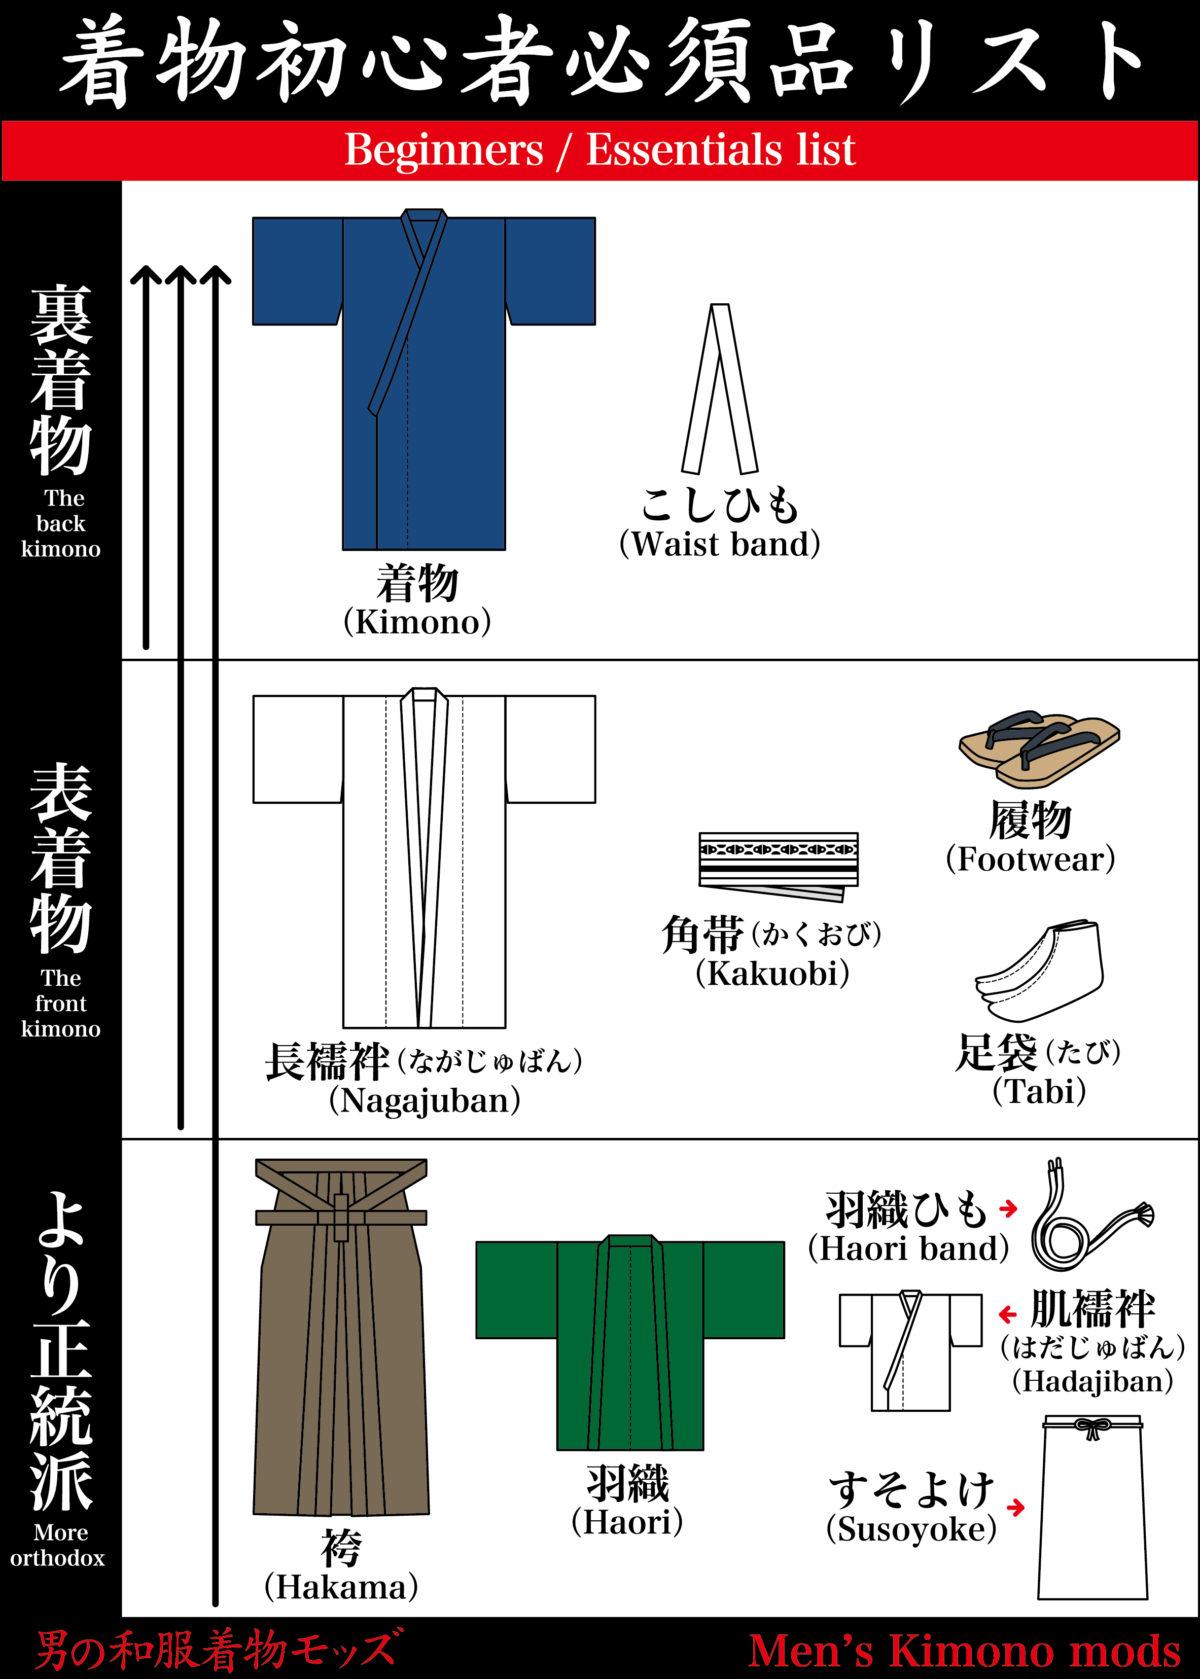 男の和服着物,メンズ着物,和装,種類,狐面,日本,裏着物,表着物,必須アイテム,初心者